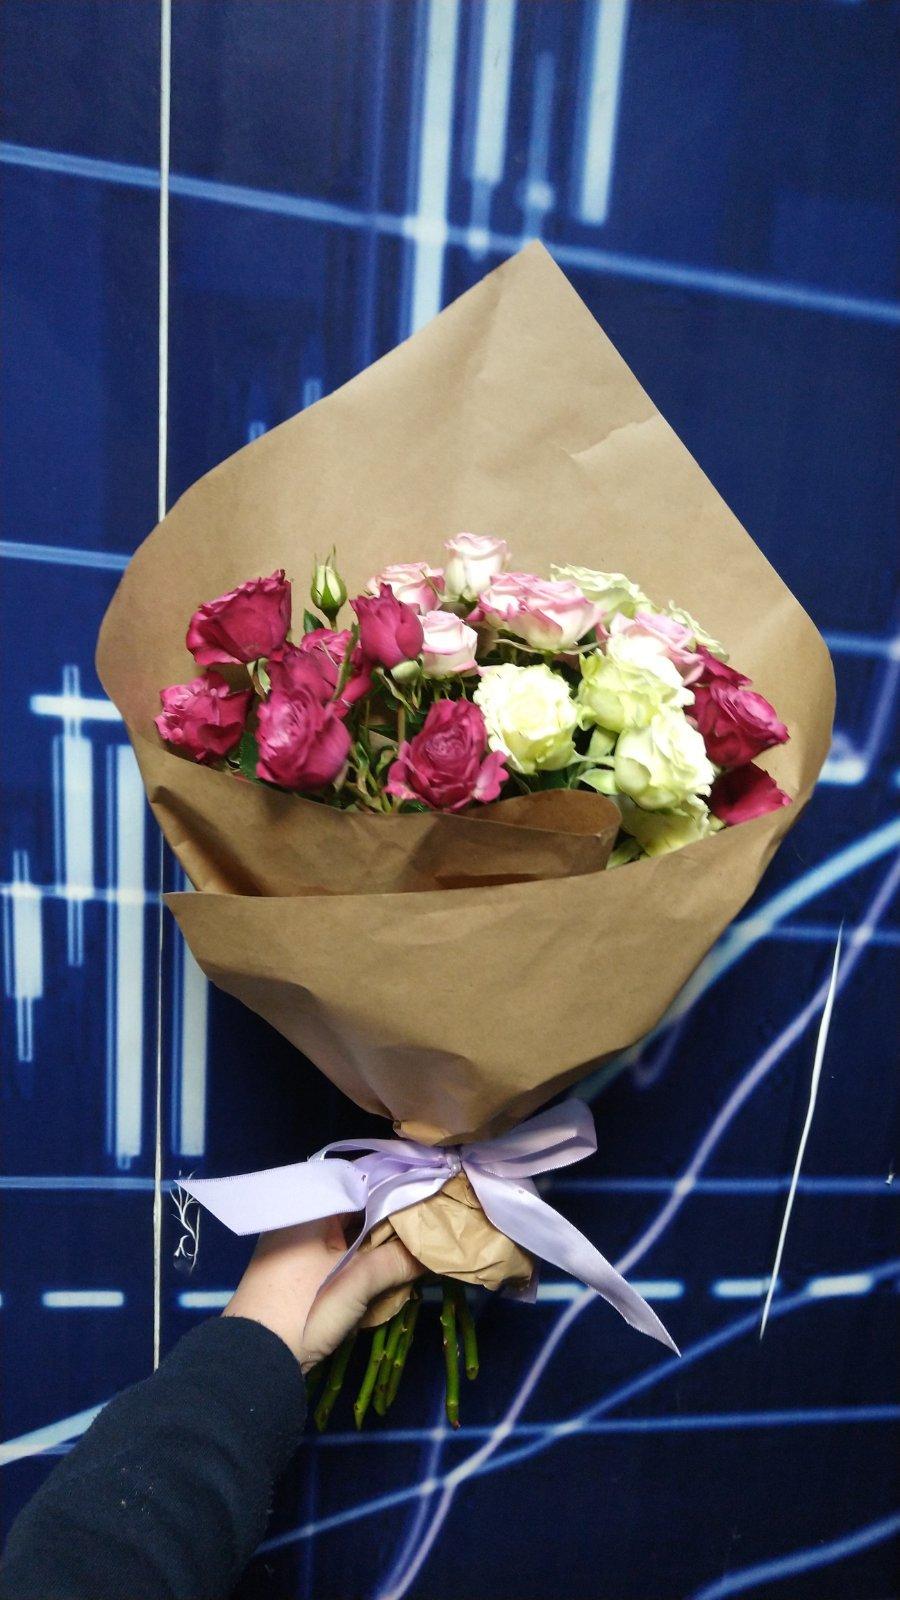 Подборка подарков на 8 марта от сайта 06153.сom.ua, фото-147